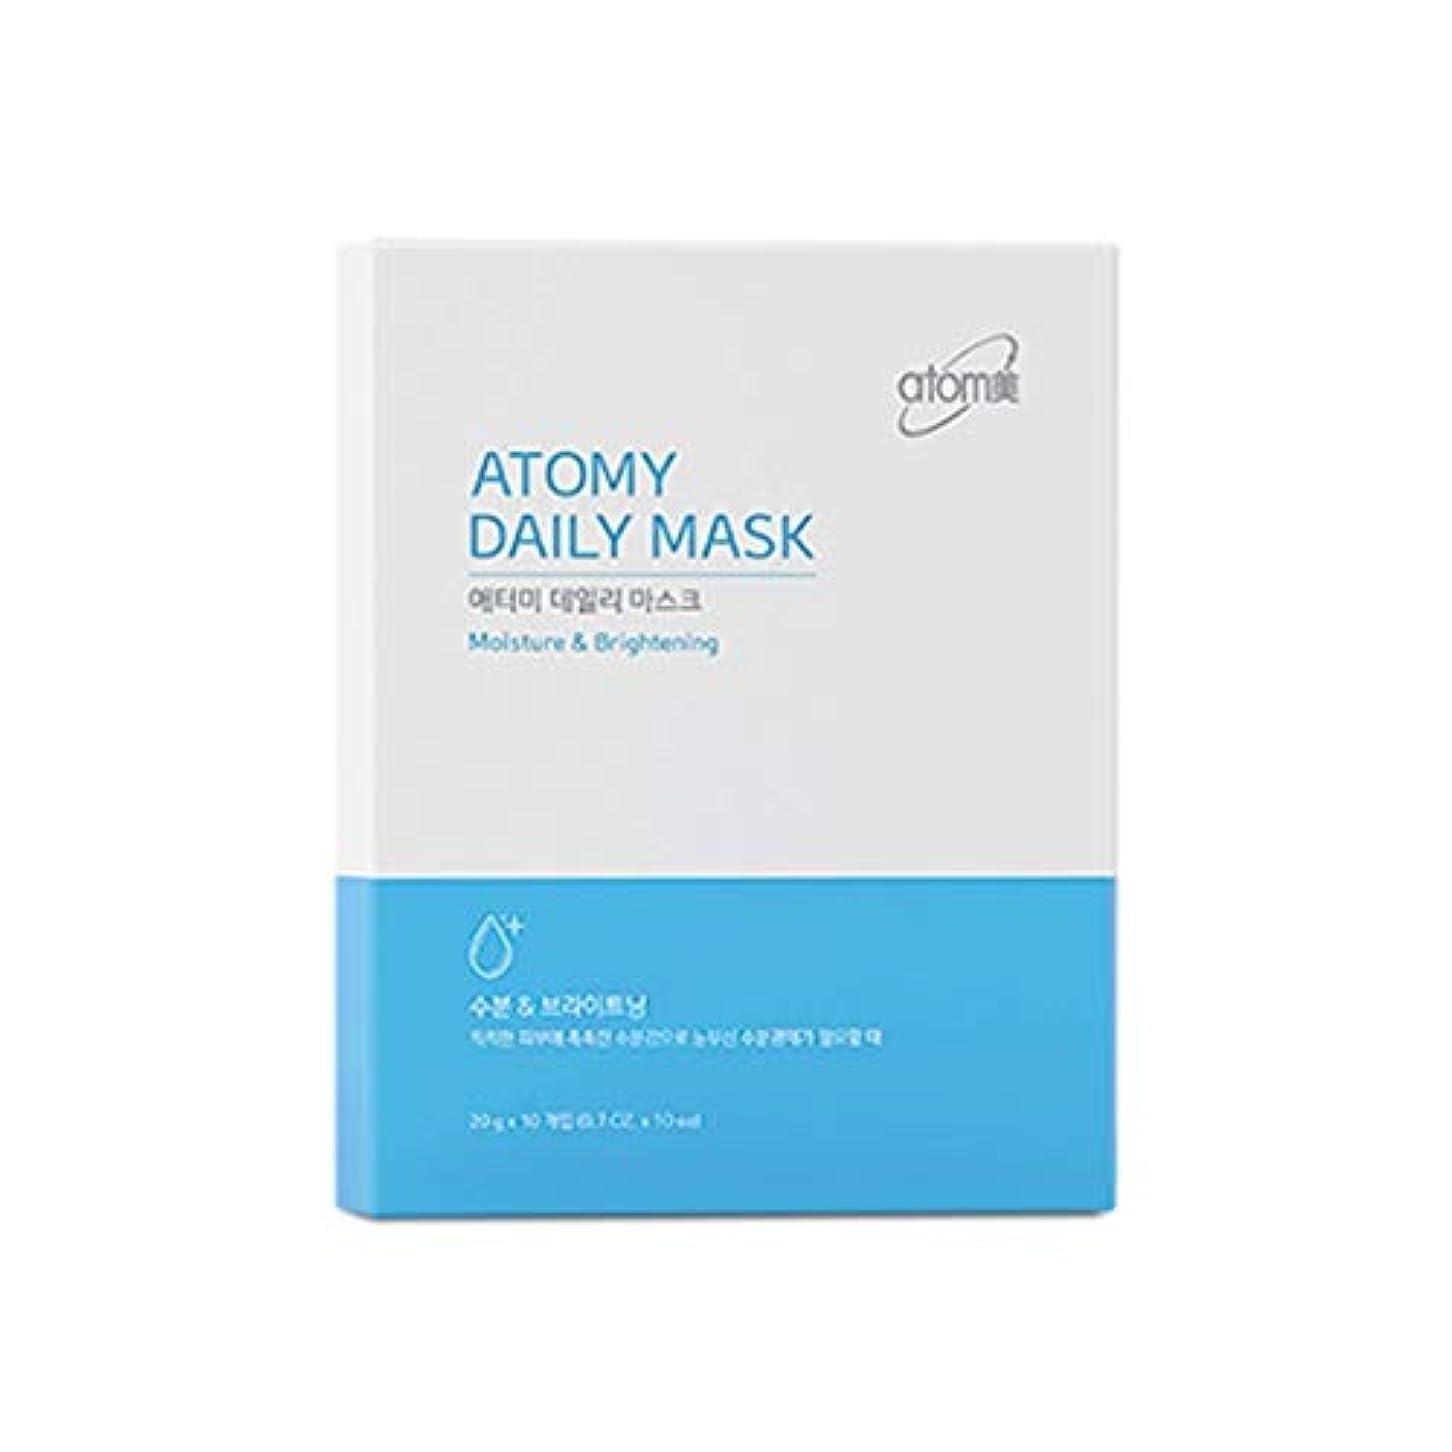 ビーム最初たぶん[NEW] Atomy Daily Mask Sheet 10 Pack- Moisture & Brightening アトミ 自然由来の成分と4つの特許成分マスクパック(並行輸入品)